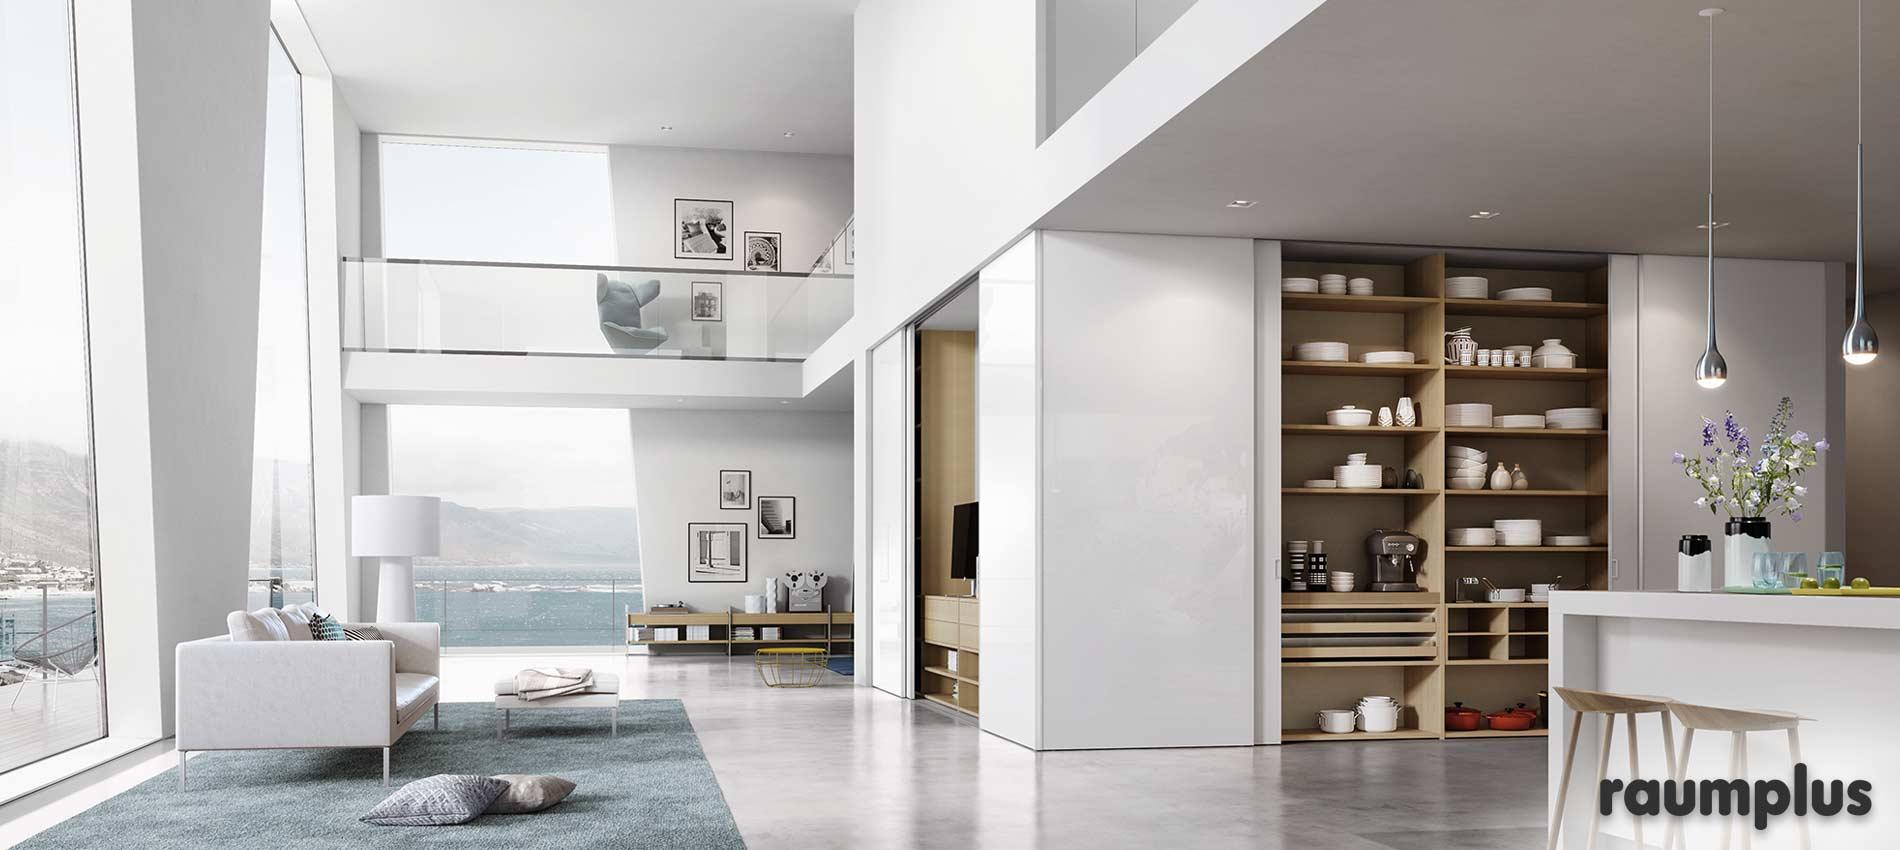 raumplus schiebet rsysteme in pockau m bel u k chen schmutzler nahe chemnitz marienberg. Black Bedroom Furniture Sets. Home Design Ideas